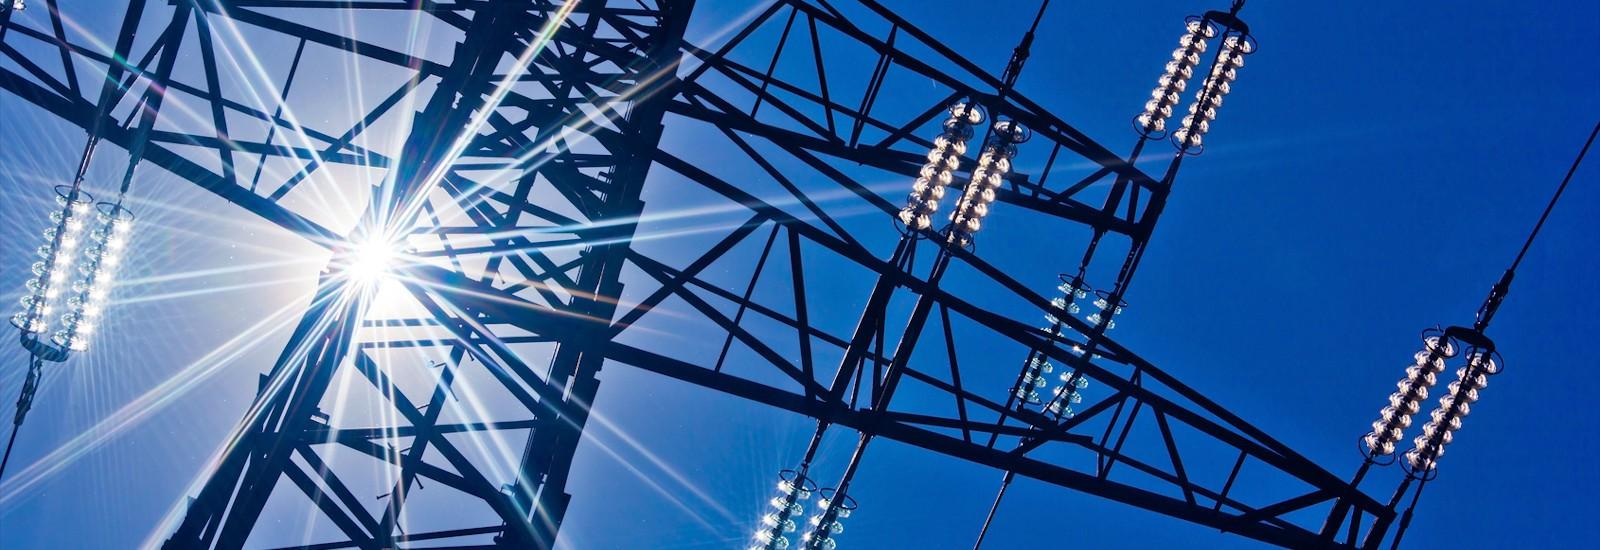 Strom-Netze Landshut